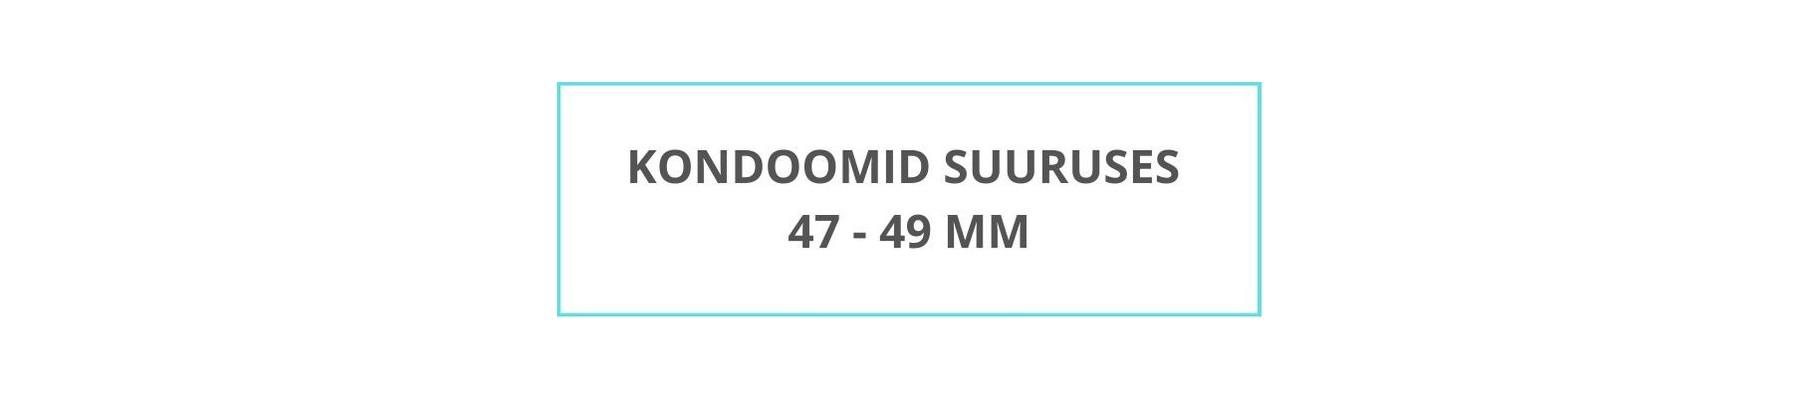 Kondoomid suuruses 47-49 mm.